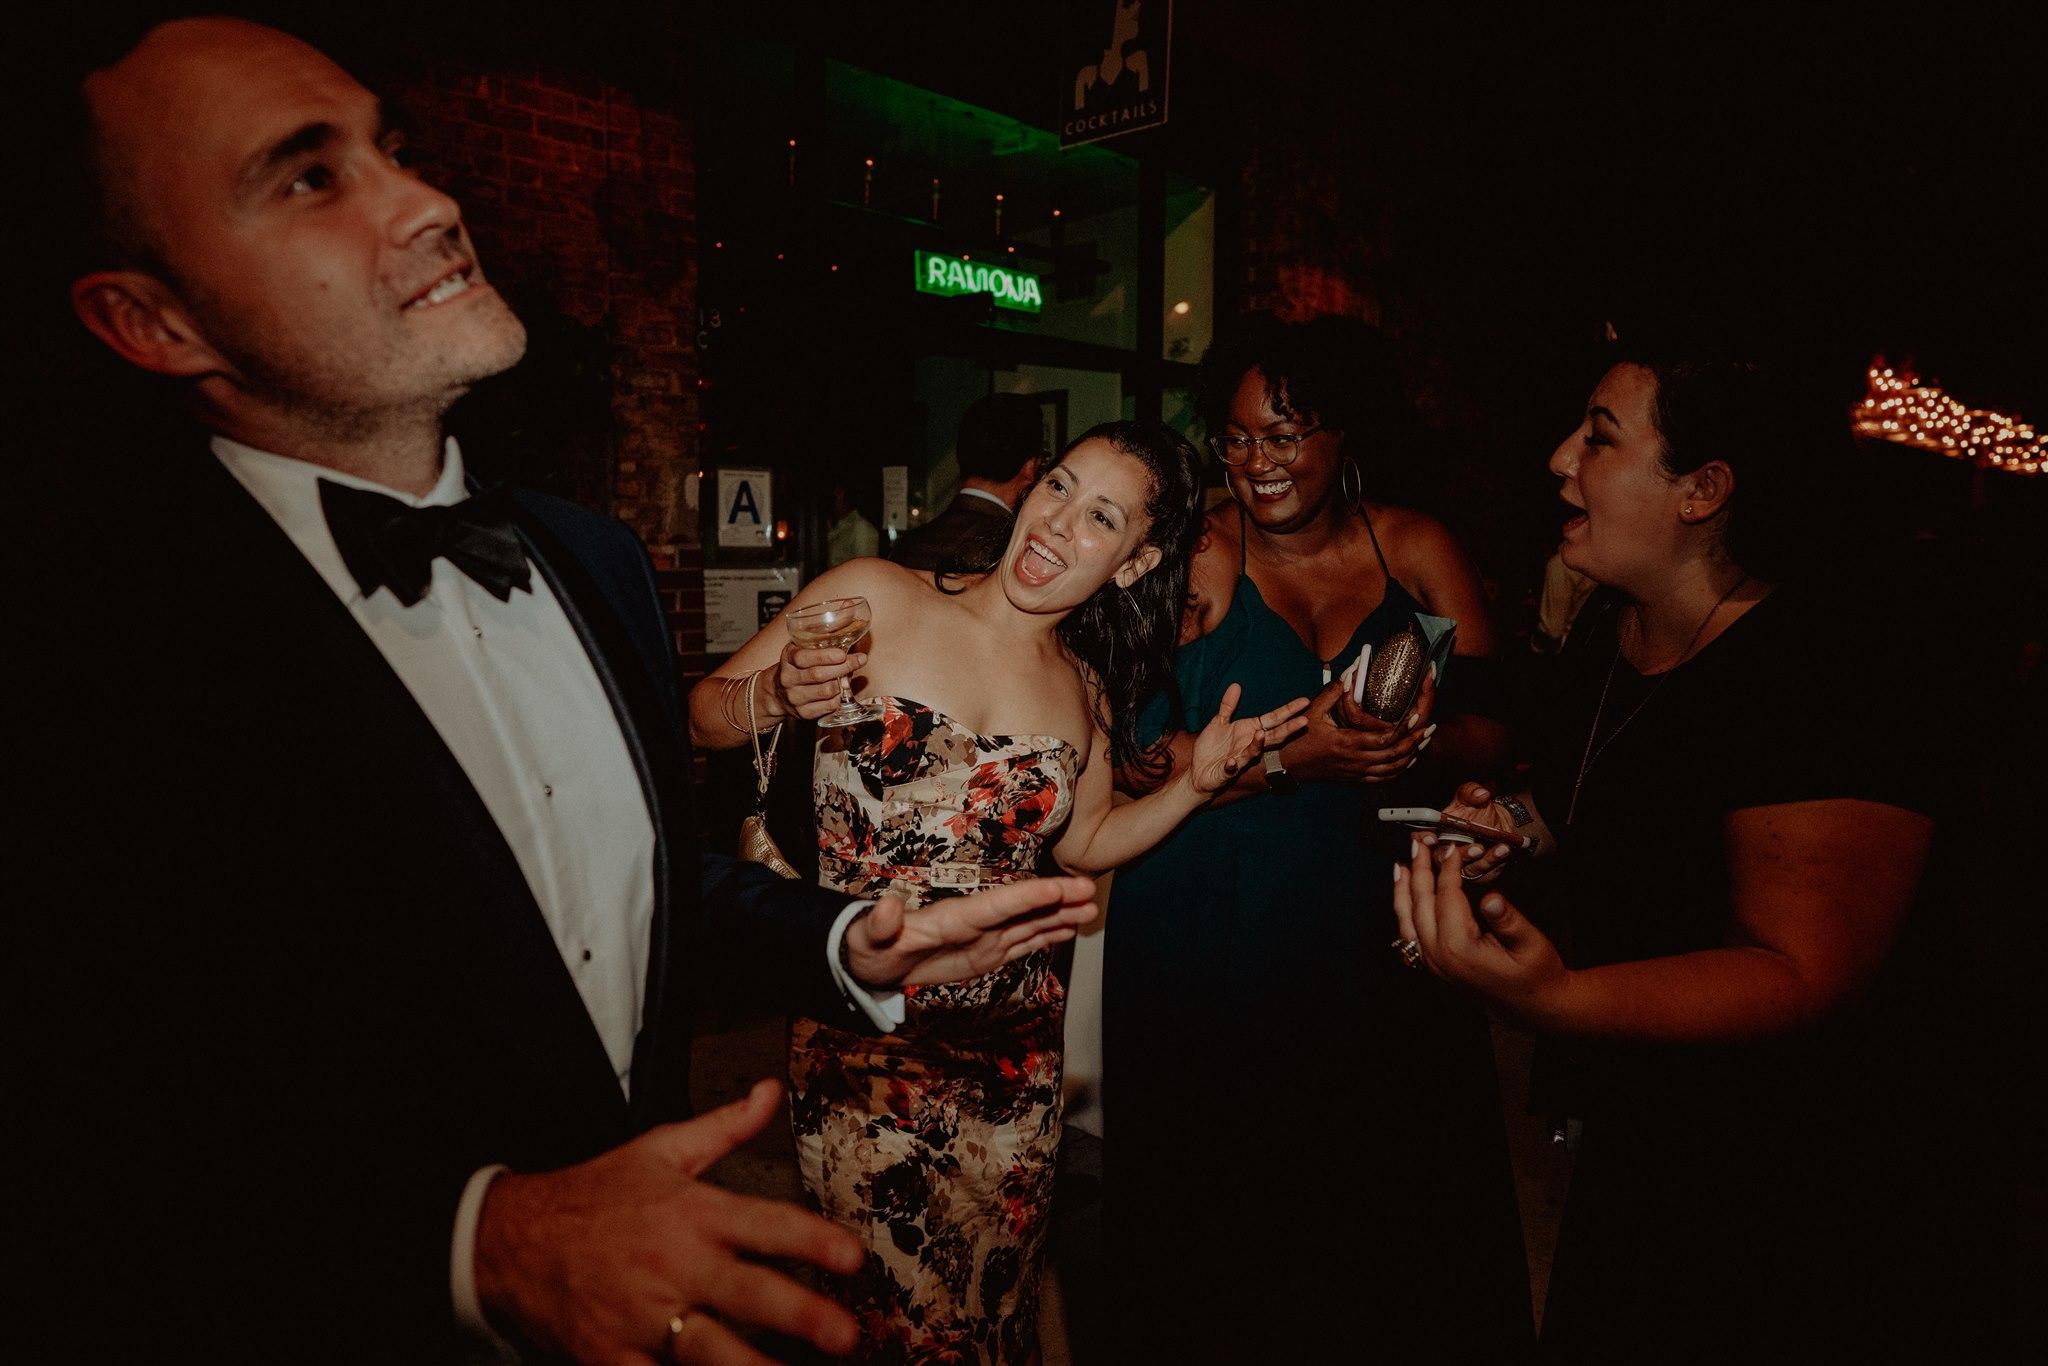 Chellise_Michael_Photography_Ramona_Brooklyn_Wedding_Photographer-676.jpg